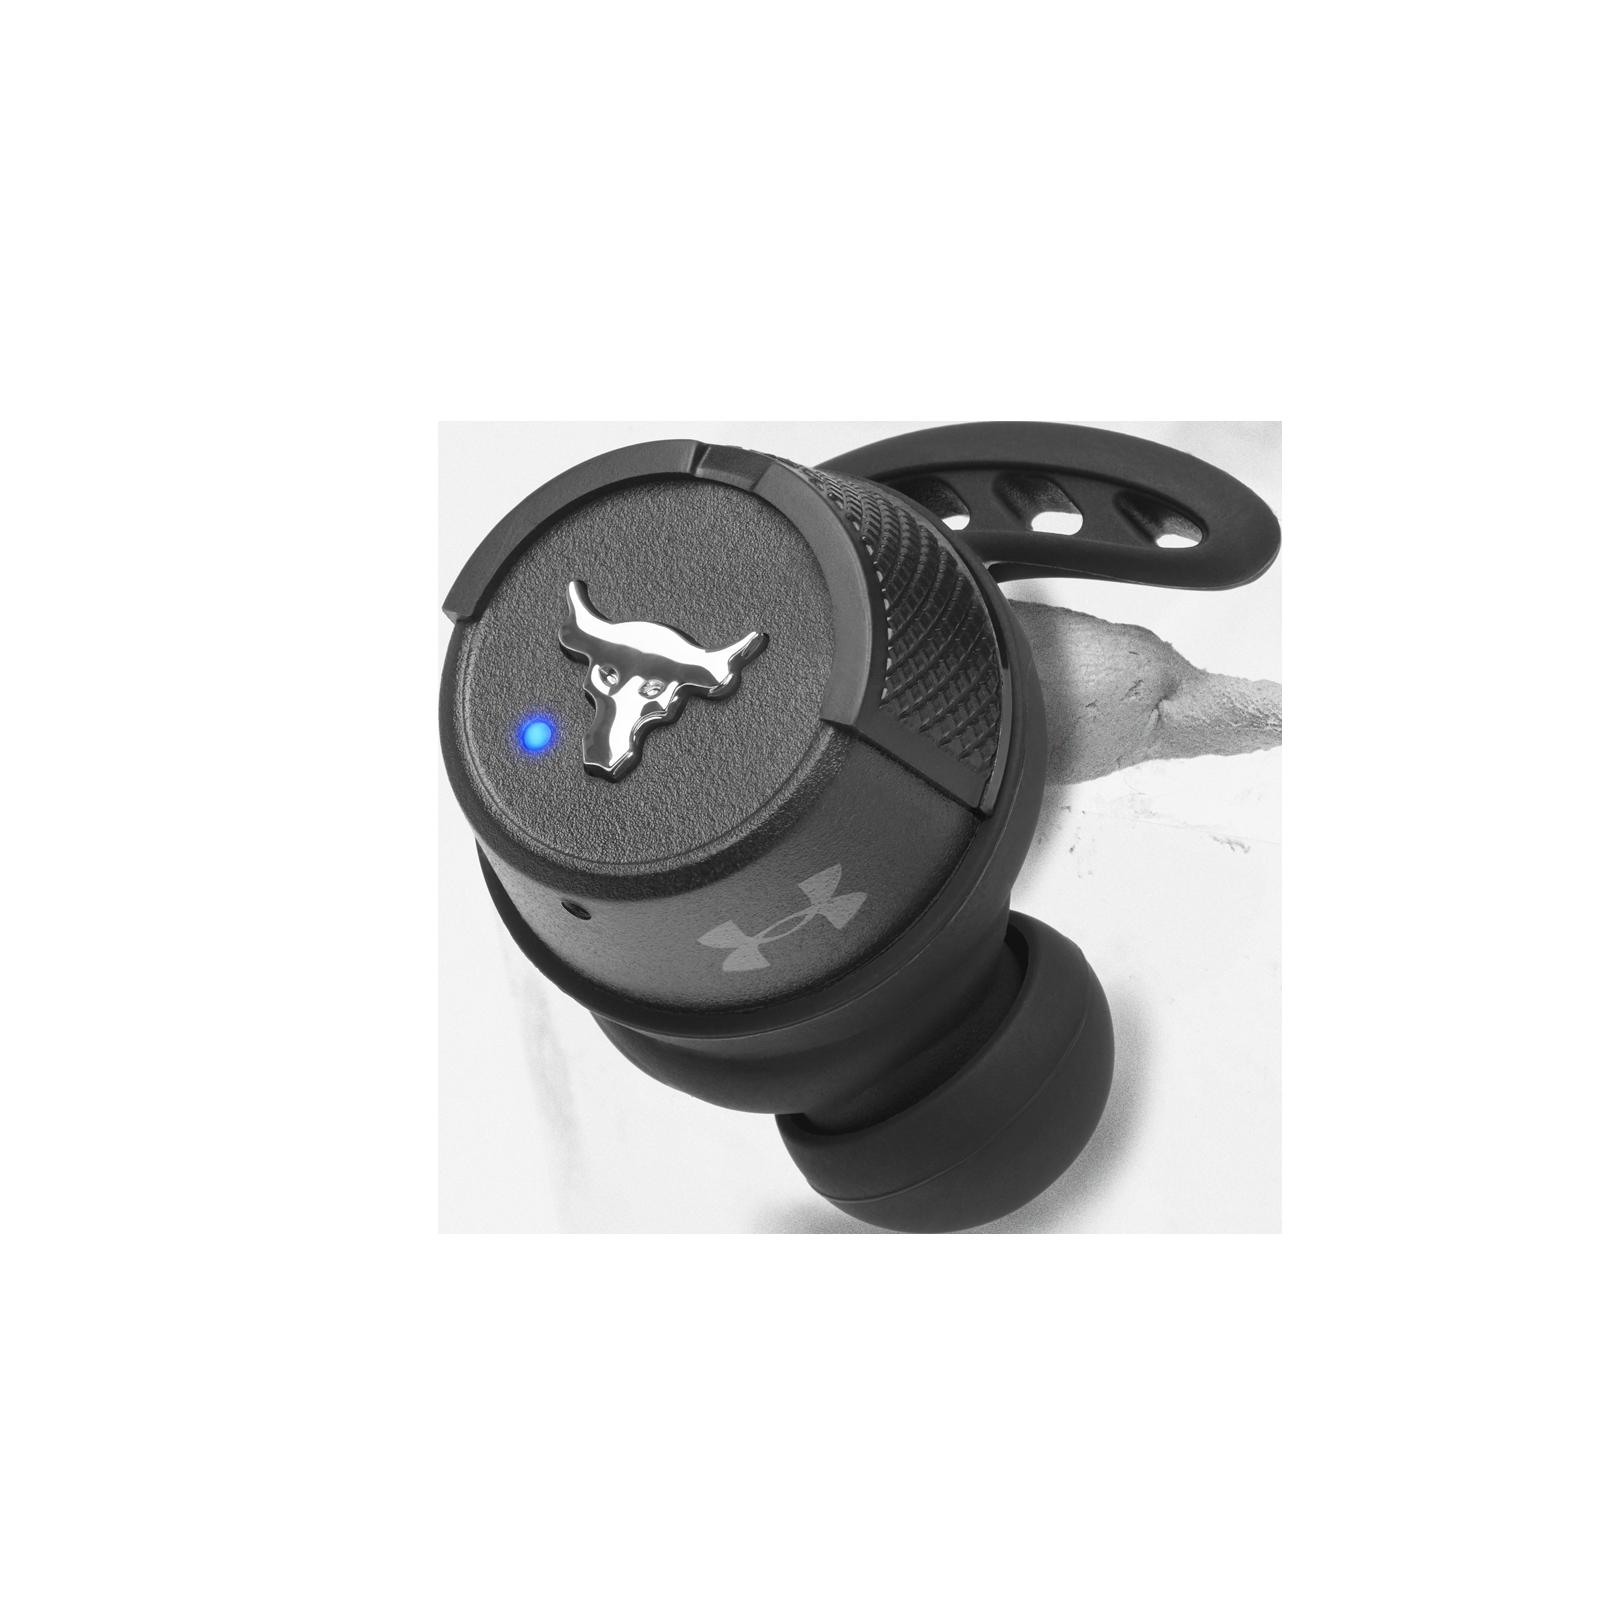 UA Project Rock True Wireless X - Engineered by JBL - Black - Waterproof true wireless sport earbuds - Detailshot 2